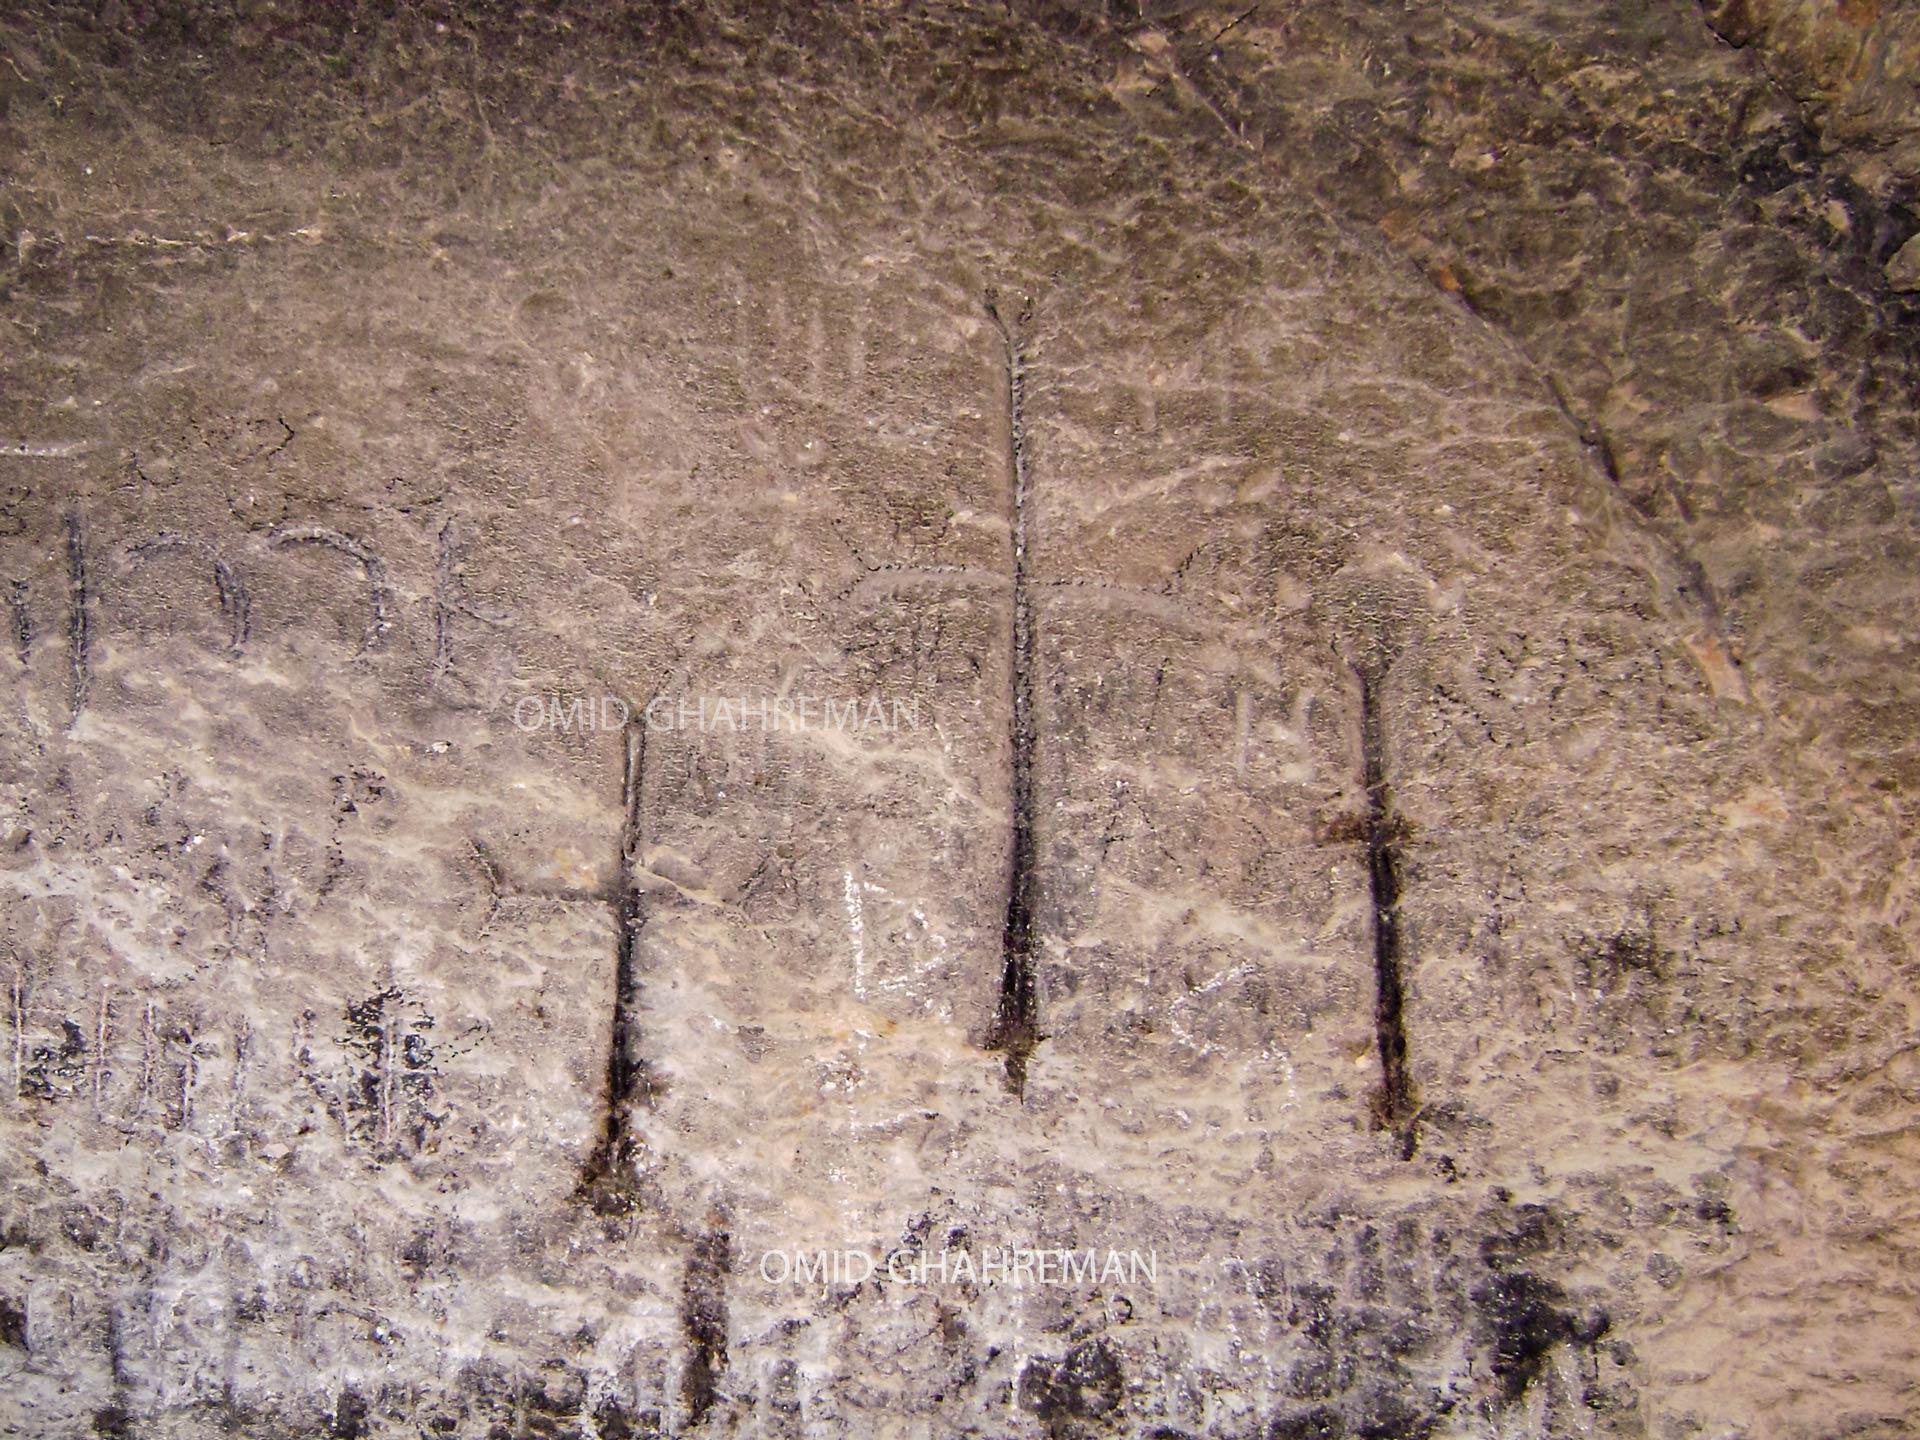 آثار حجاری صلیب بر روی تخته سنگ شرقی